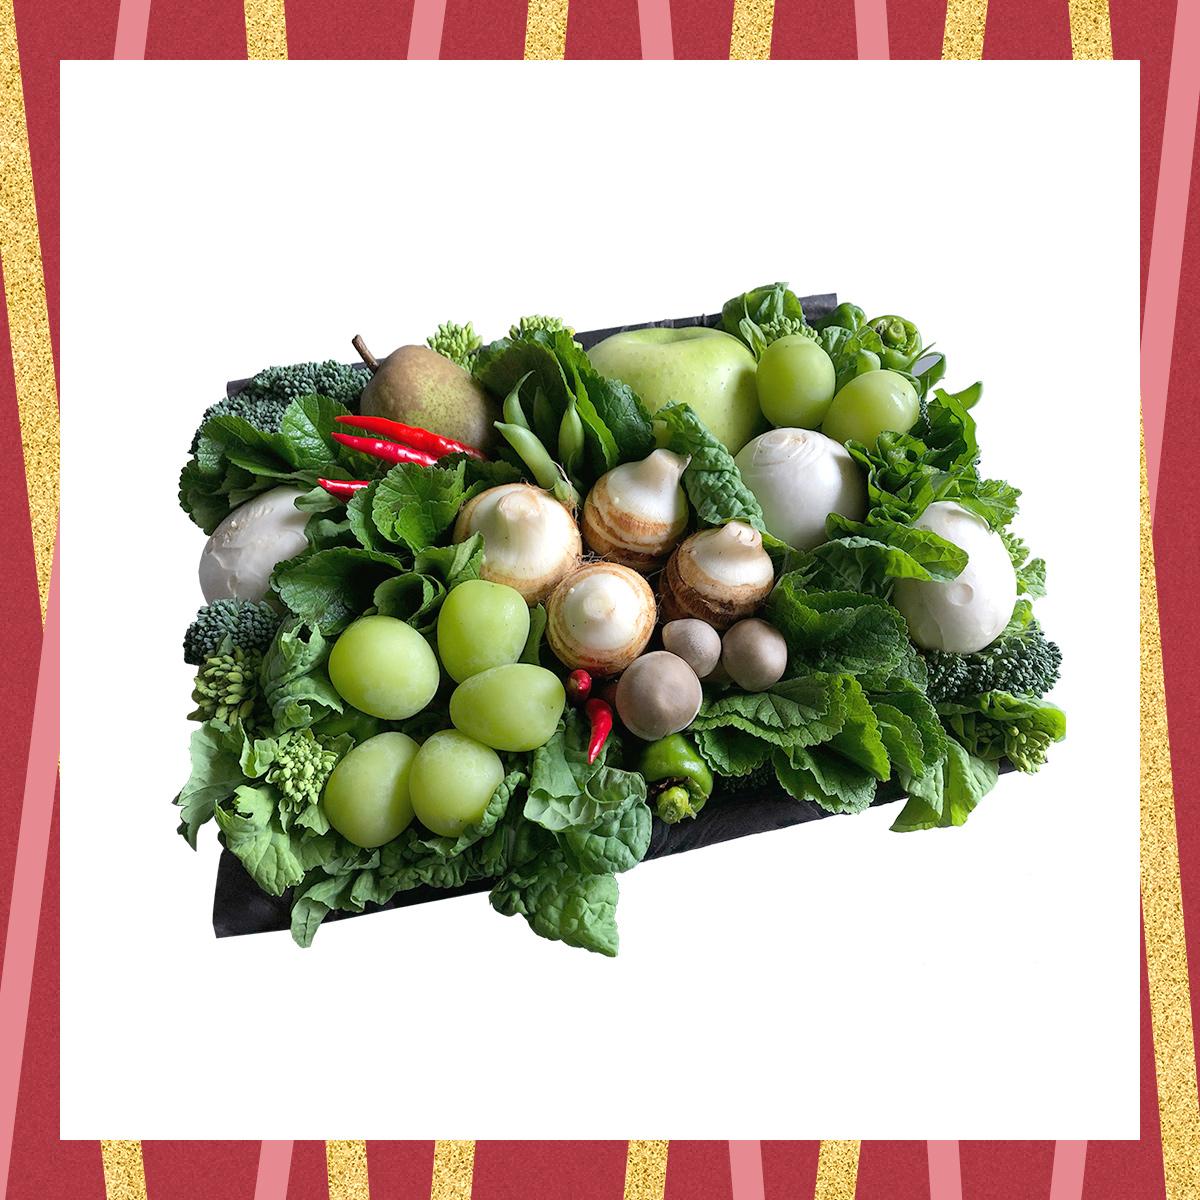 見て食べて楽しい、京野菜アレンジメント